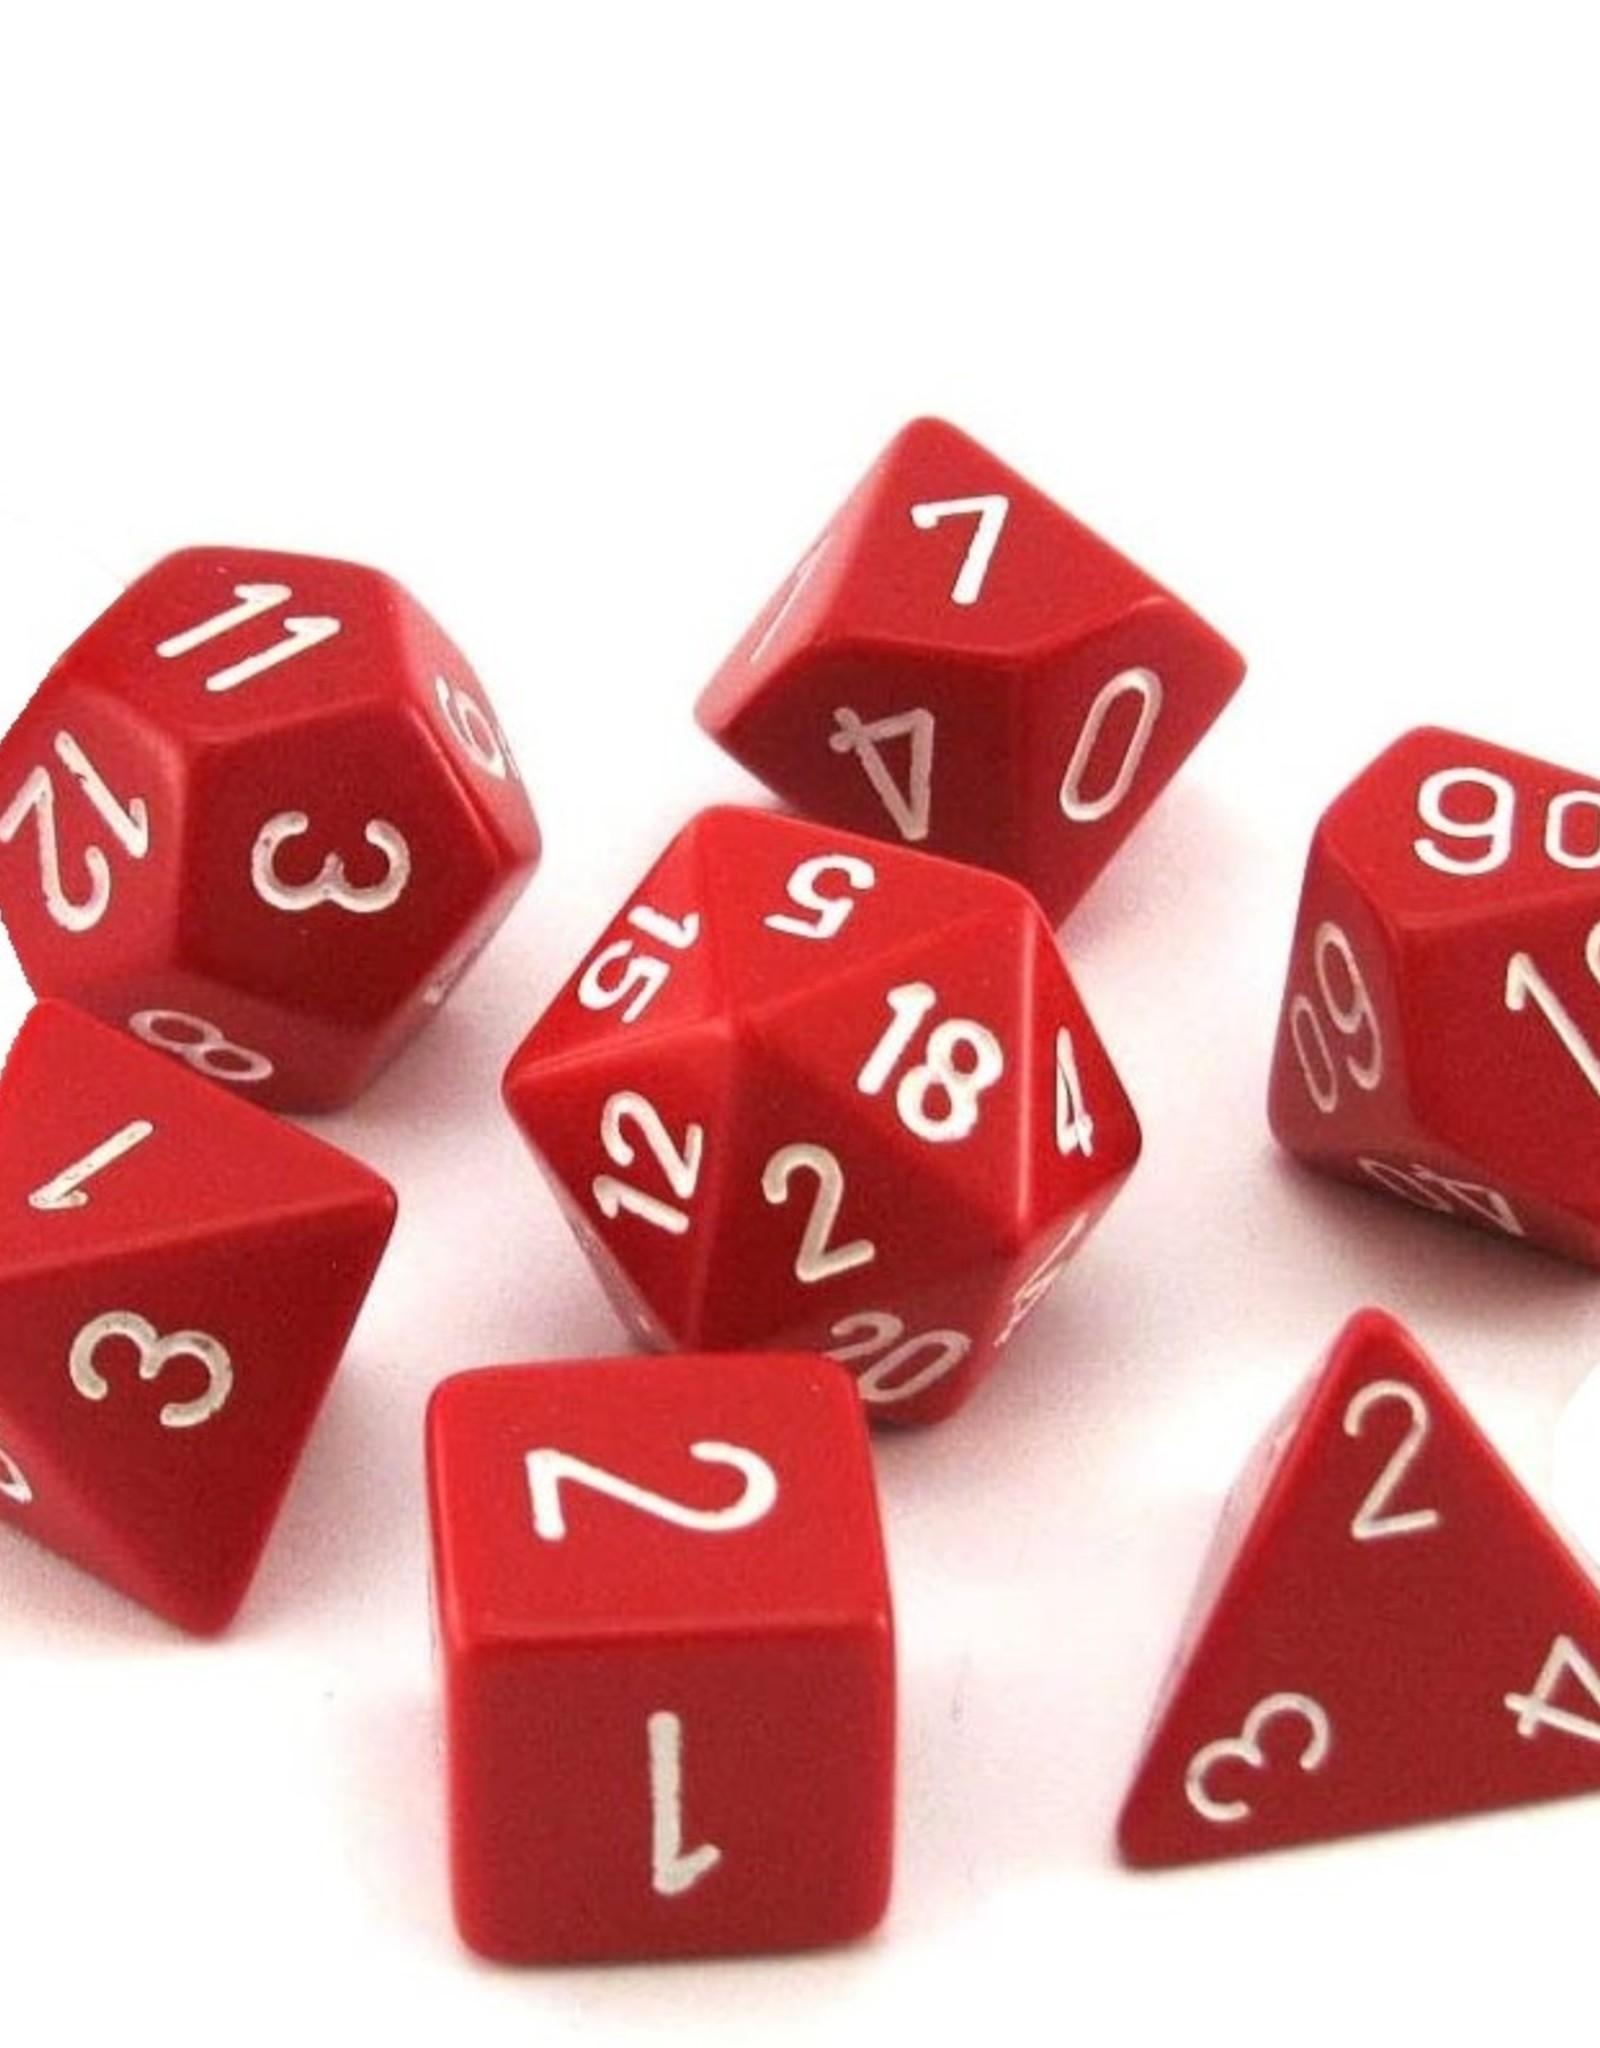 Chessex Chessex 7-Die set Opaque - Red/White